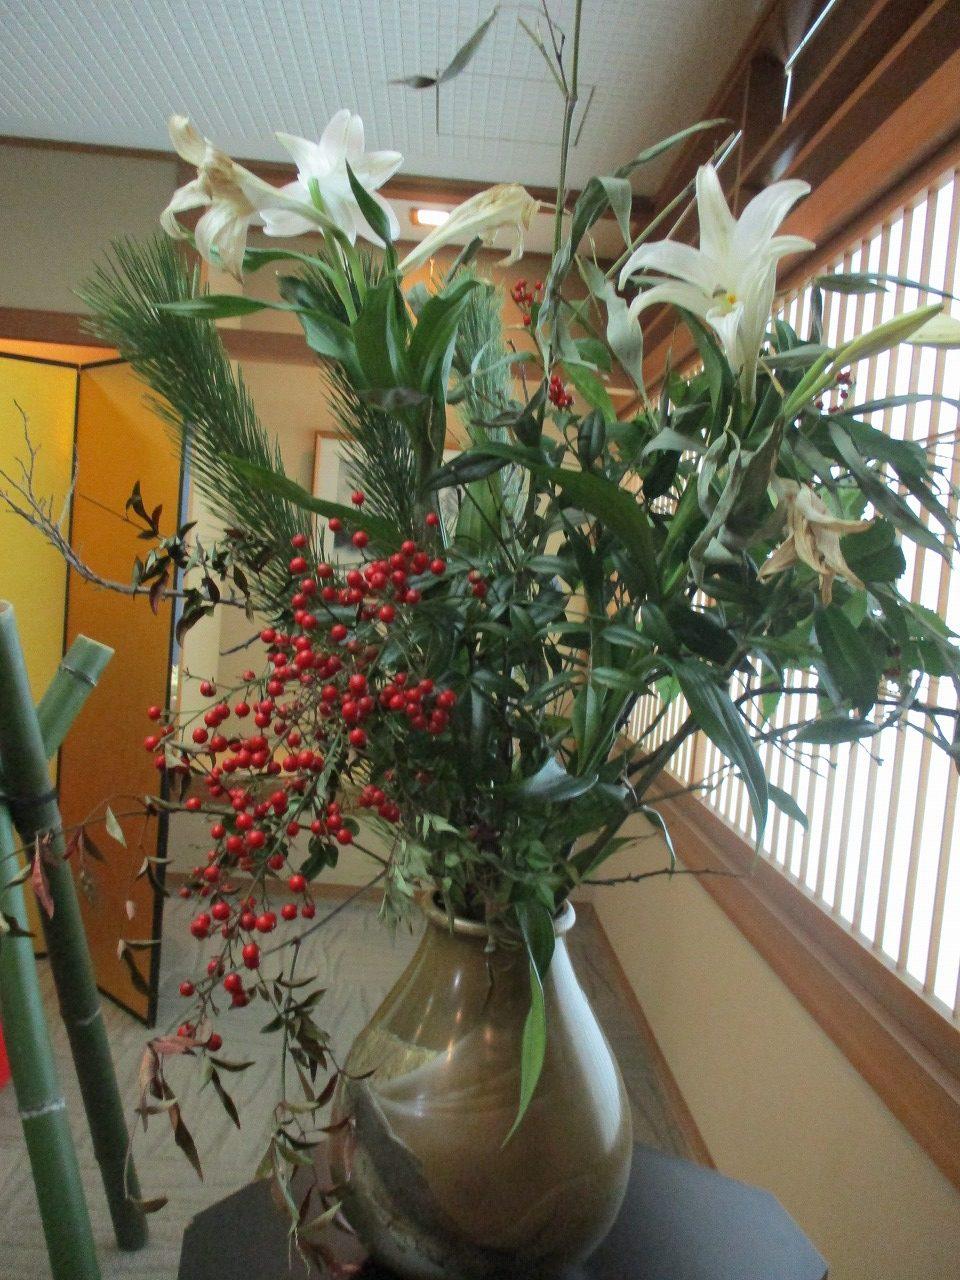 1月1日~1月5日の朝まで二階エレベーター前にて飾られていた生け花です。